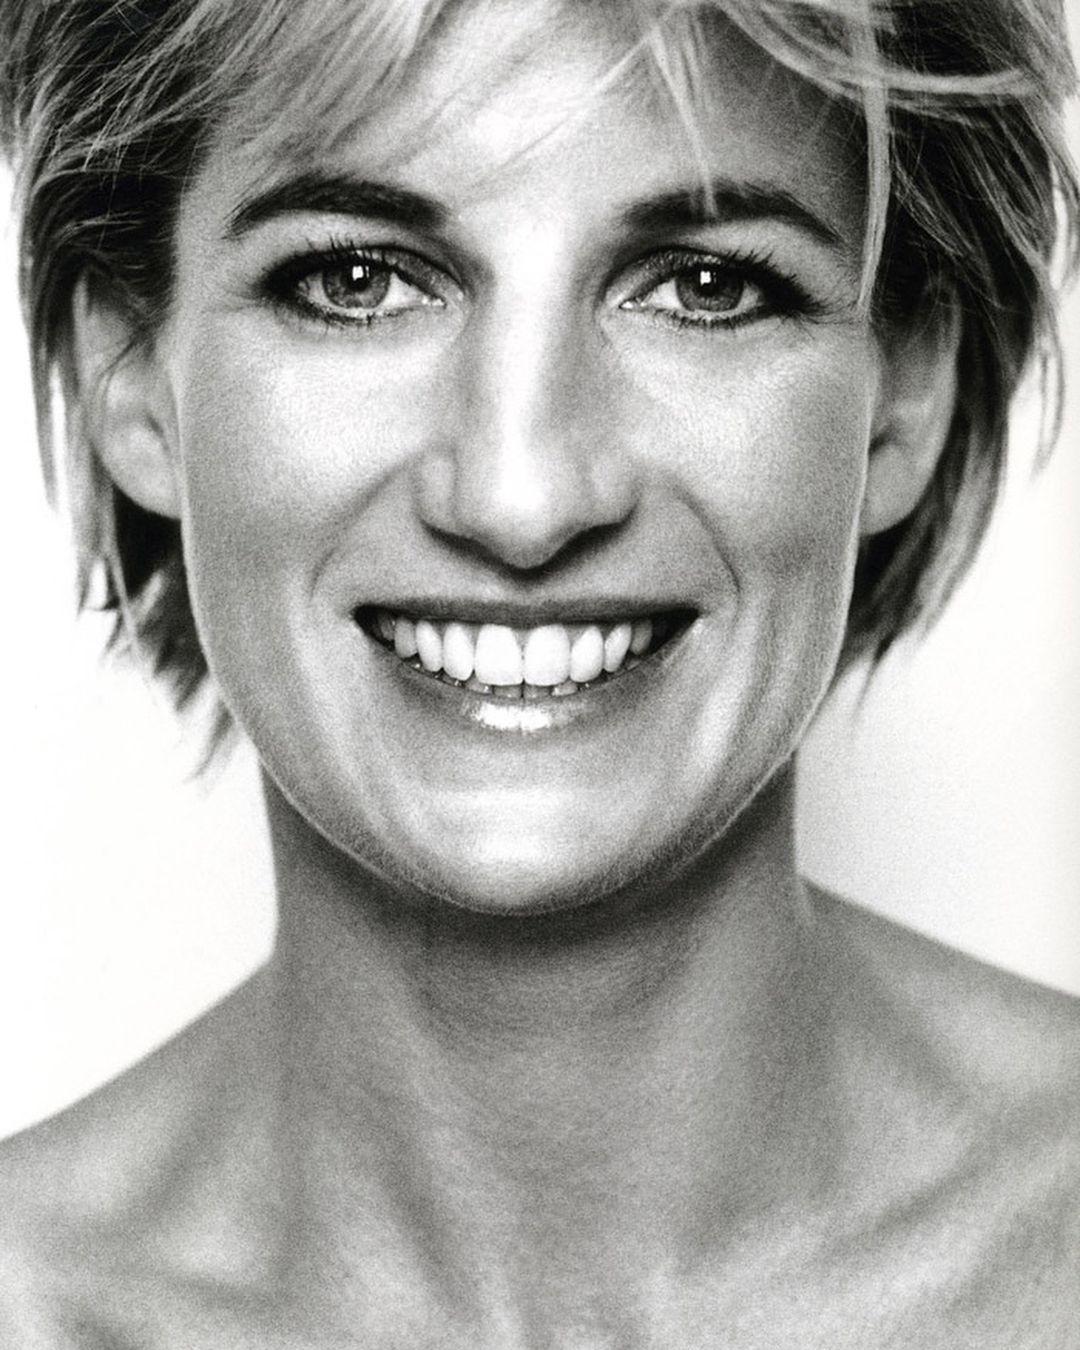 مجموعة صور للاميره ديانا خلال جلسة تصوير إلتقطها مصورها المفضله ماريو تيستينو الصوره الاخير الاميره ديانا مع المصور Princess Diana Diana Lady Diana Spencer